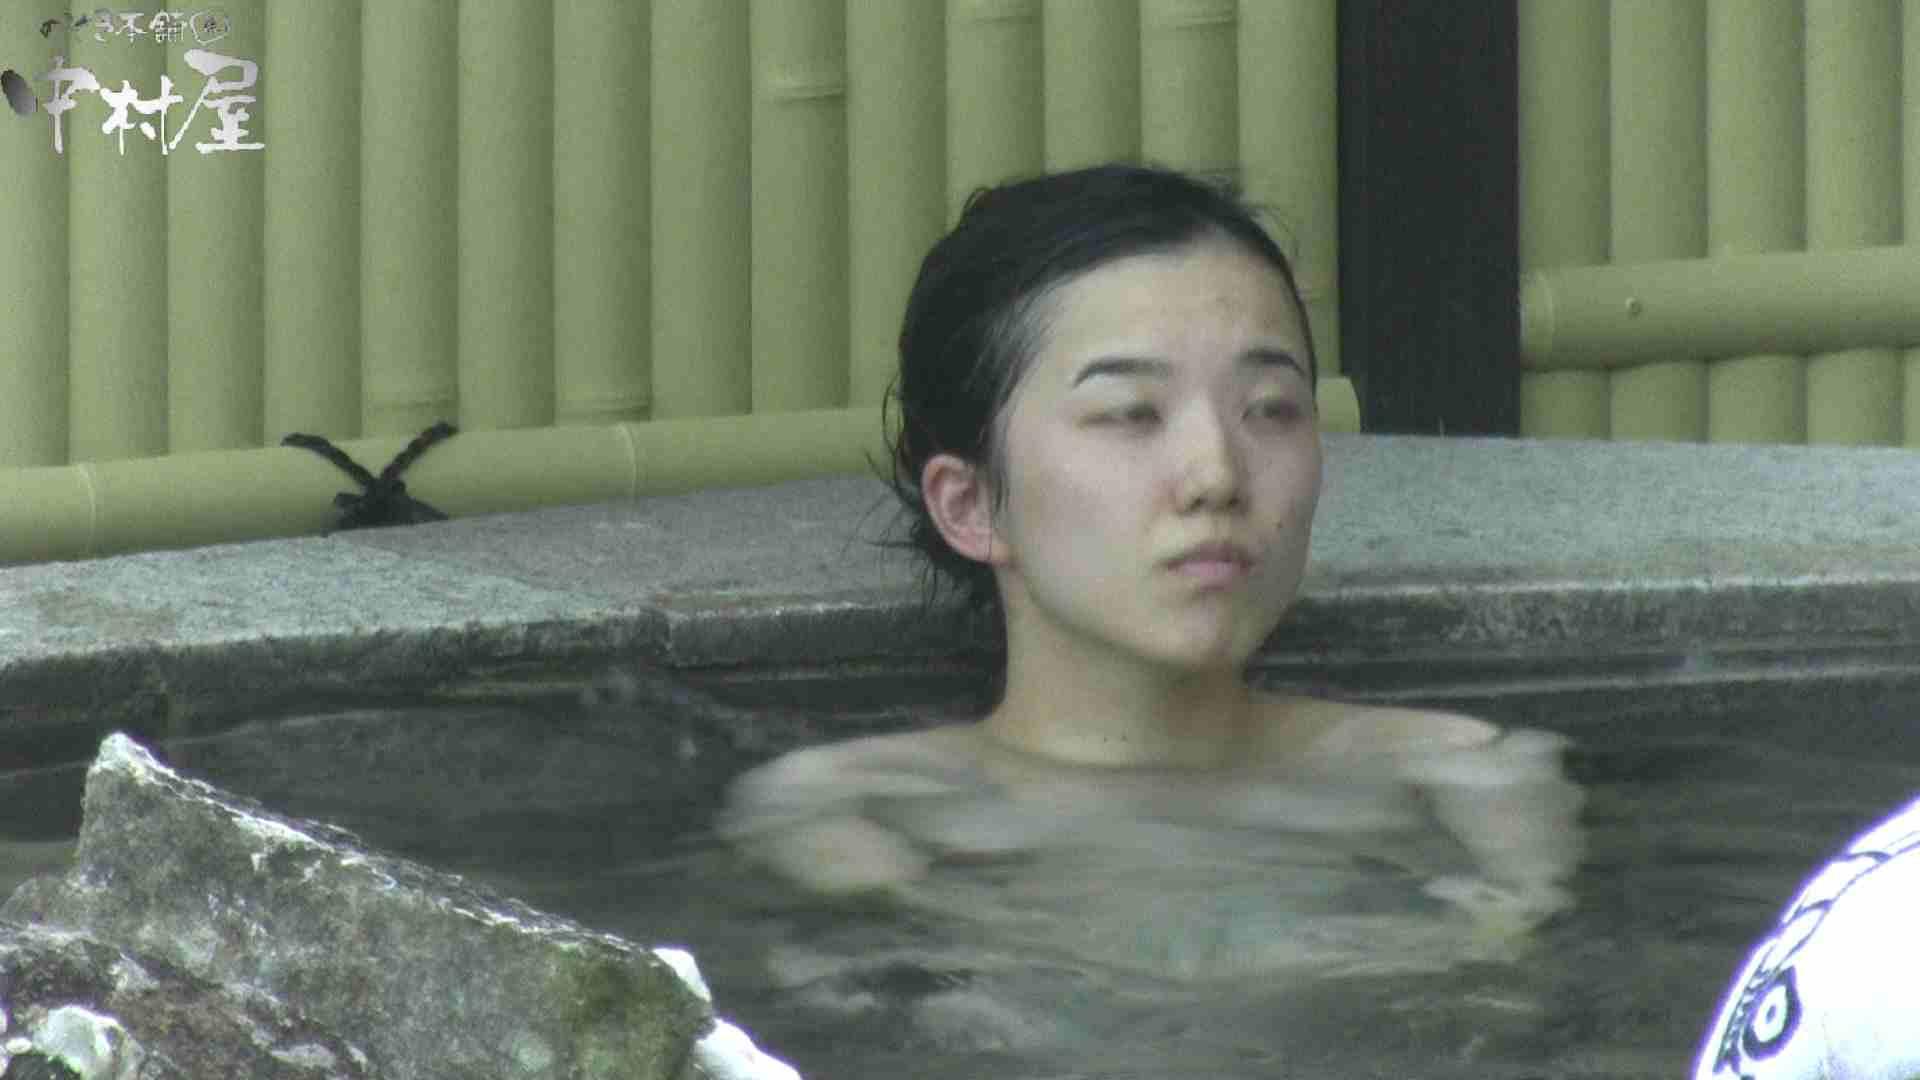 Aquaな露天風呂Vol.908 露天   盗撮  81pic 59